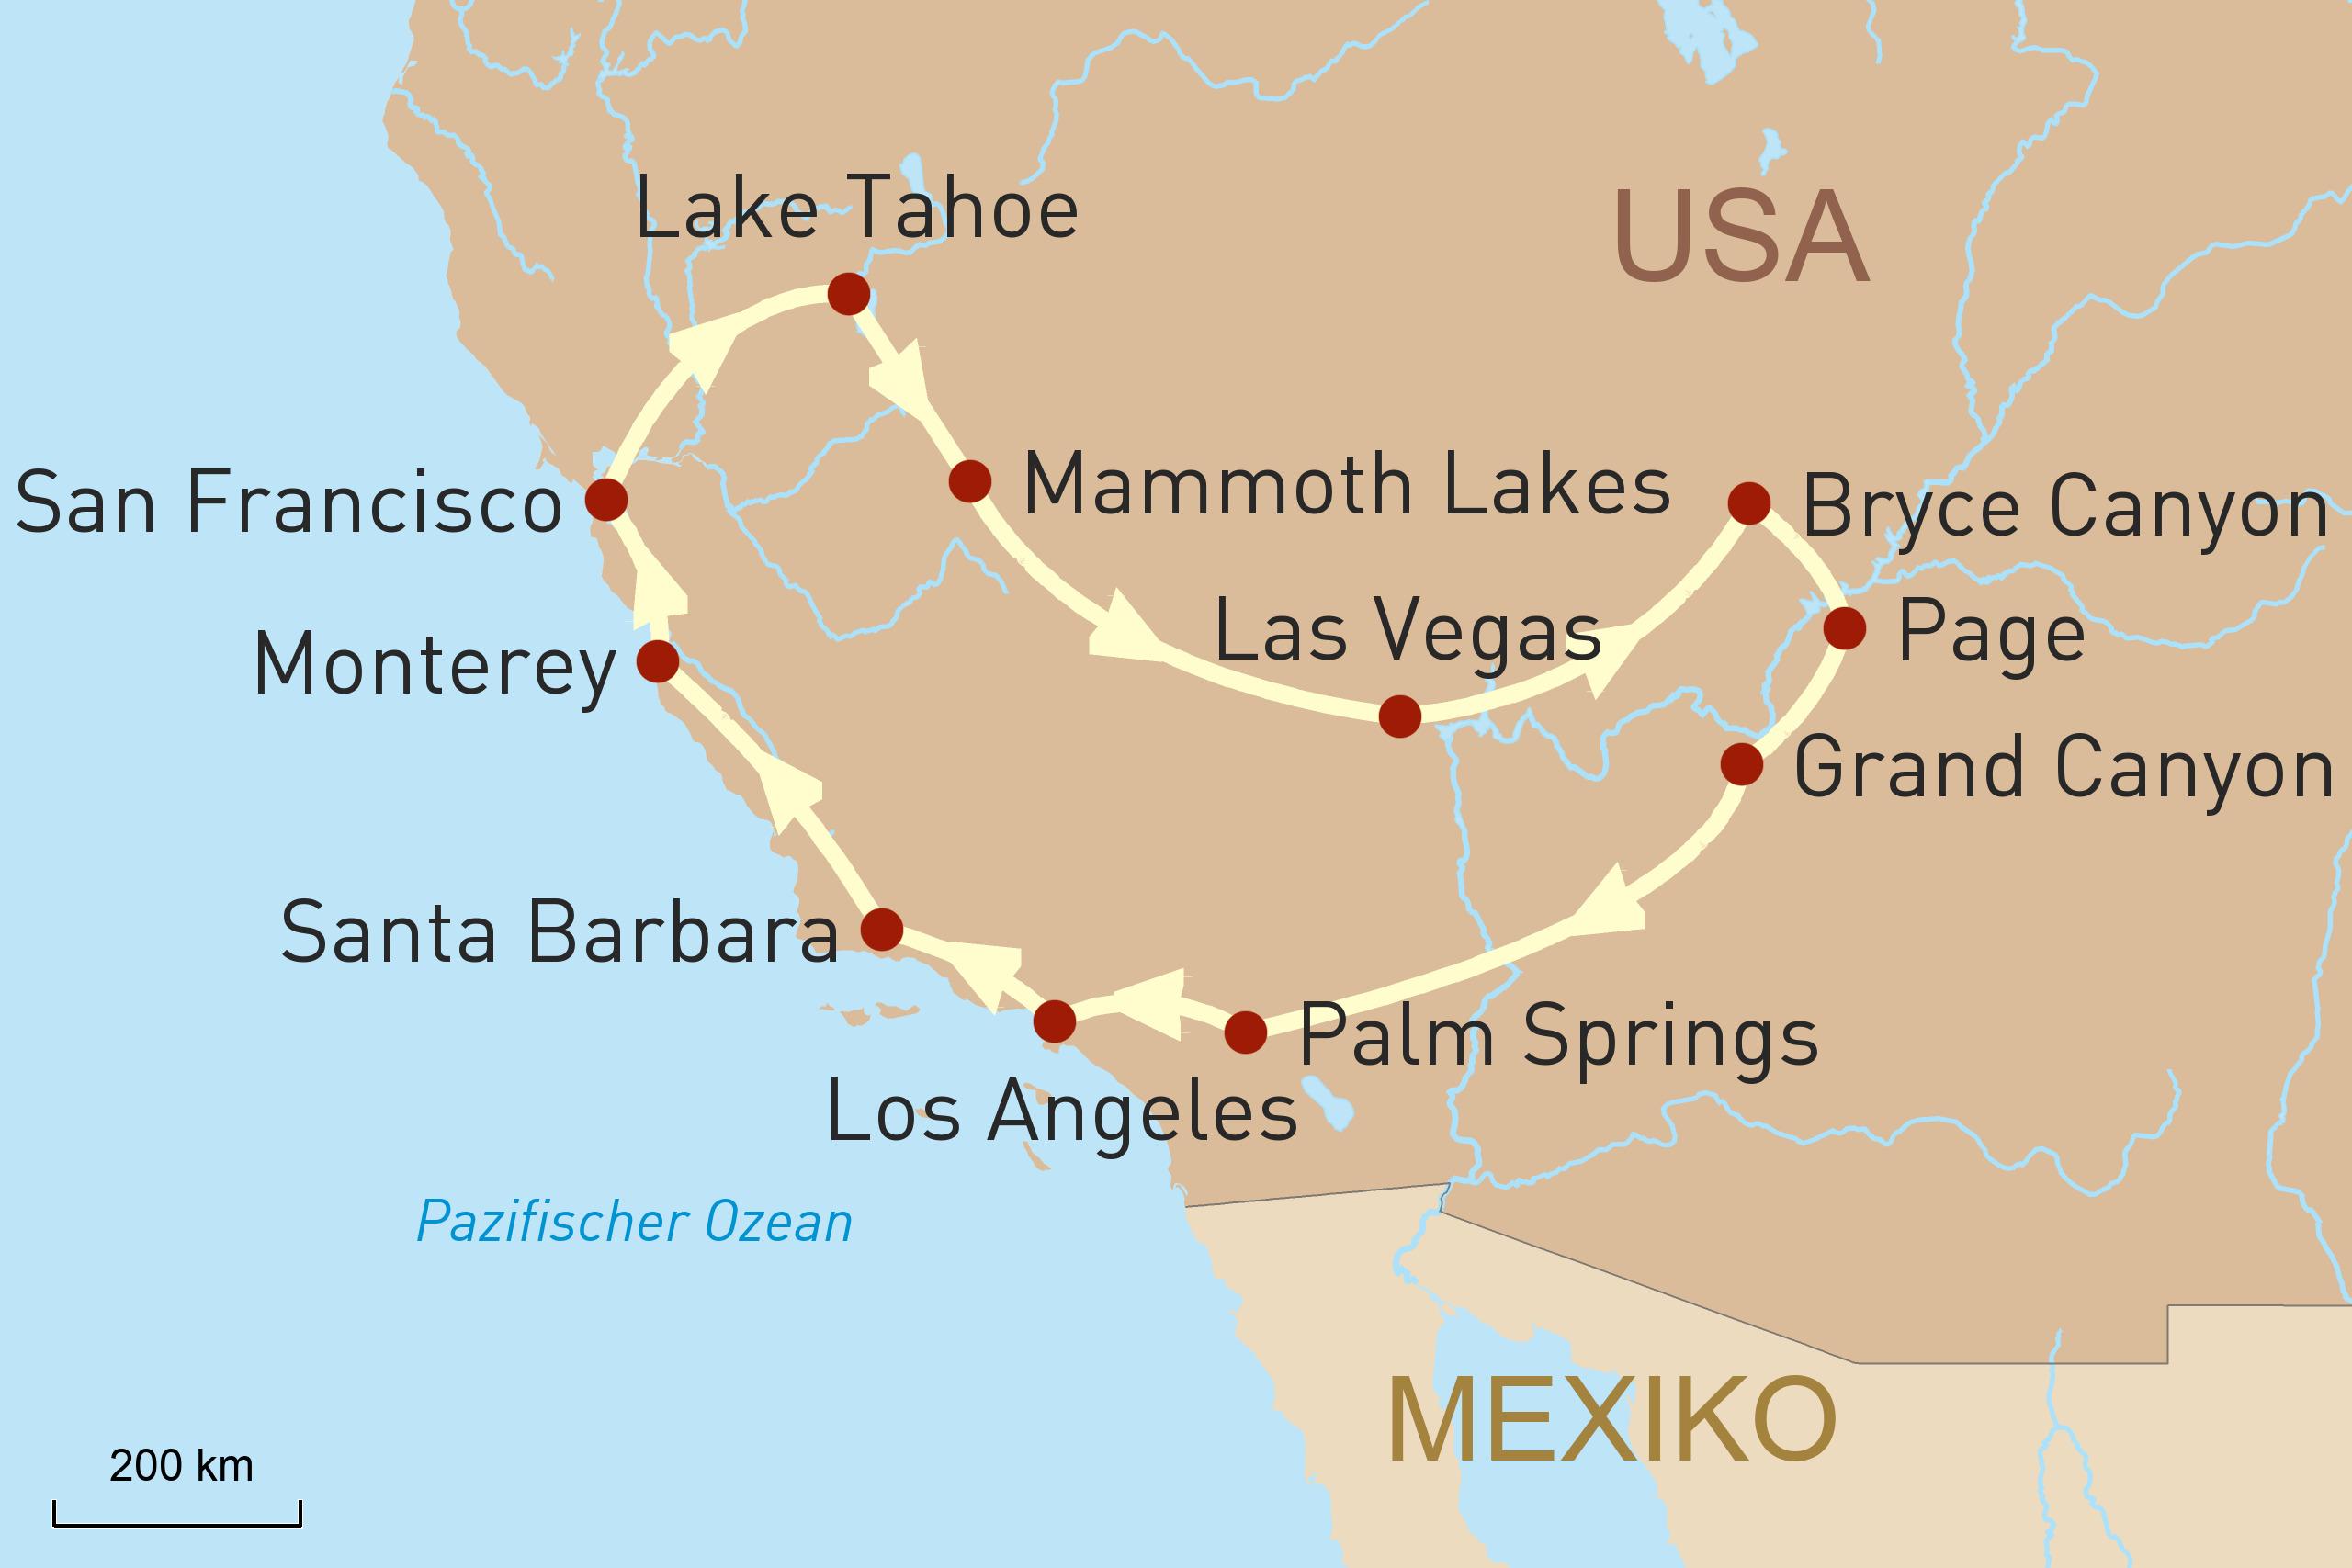 Amerikas grenzenloser Südwesten